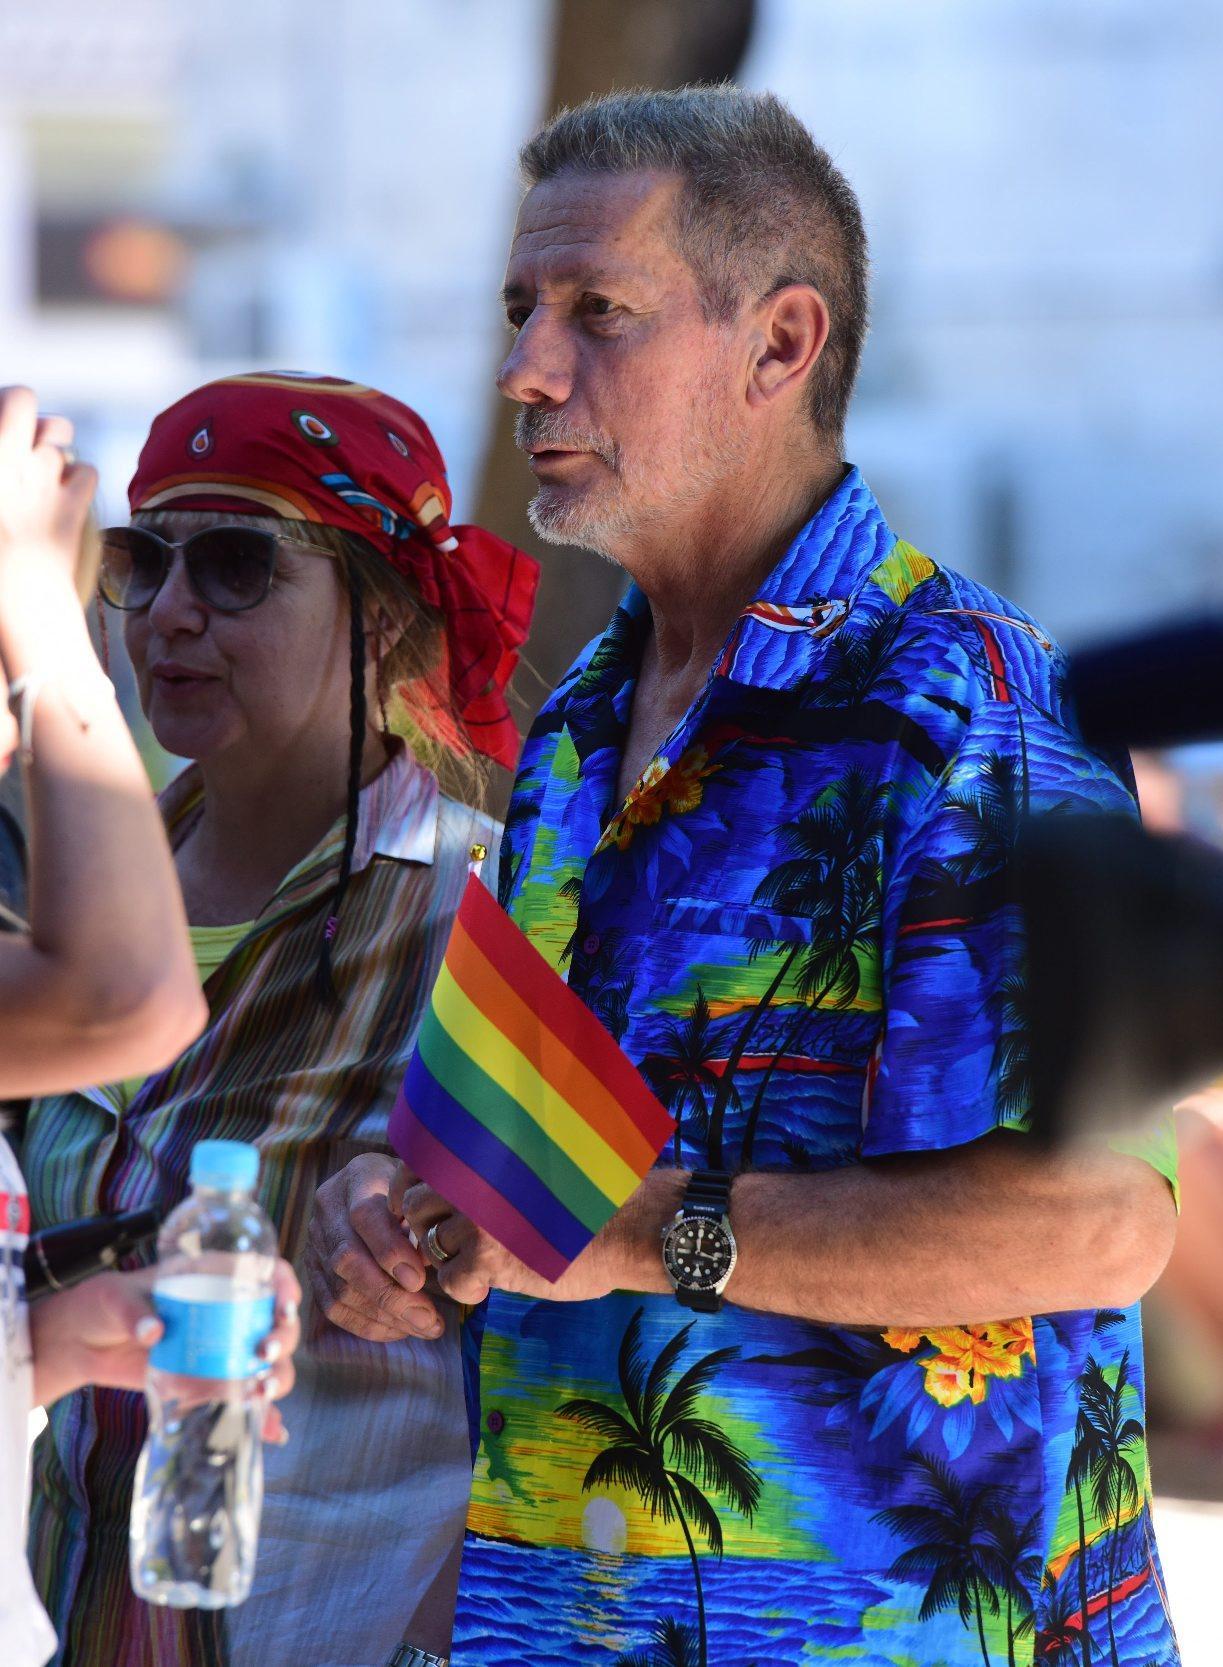 gay_pride1-230618